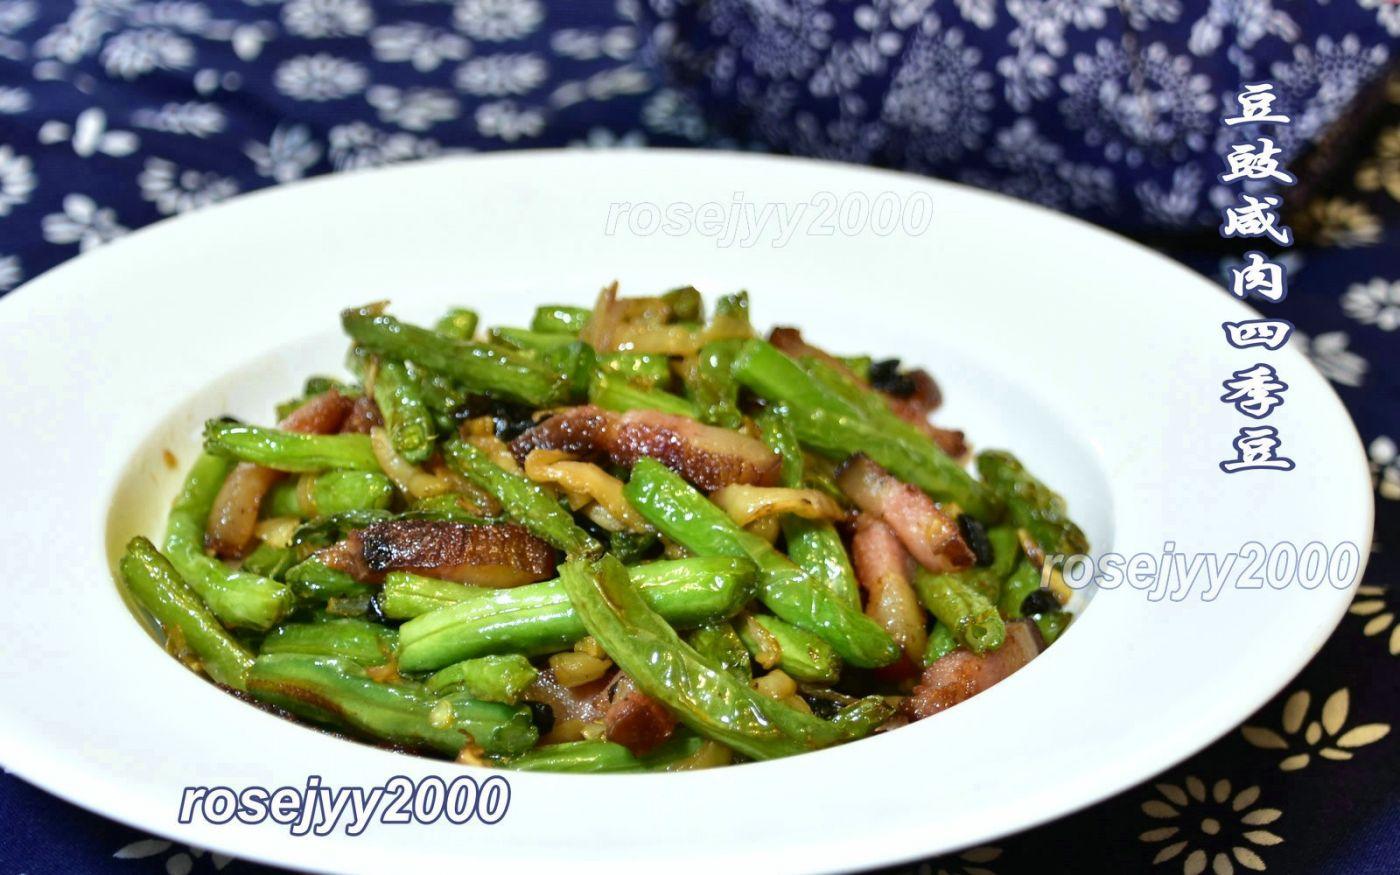 咸肉咸菜四季豆_图1-4